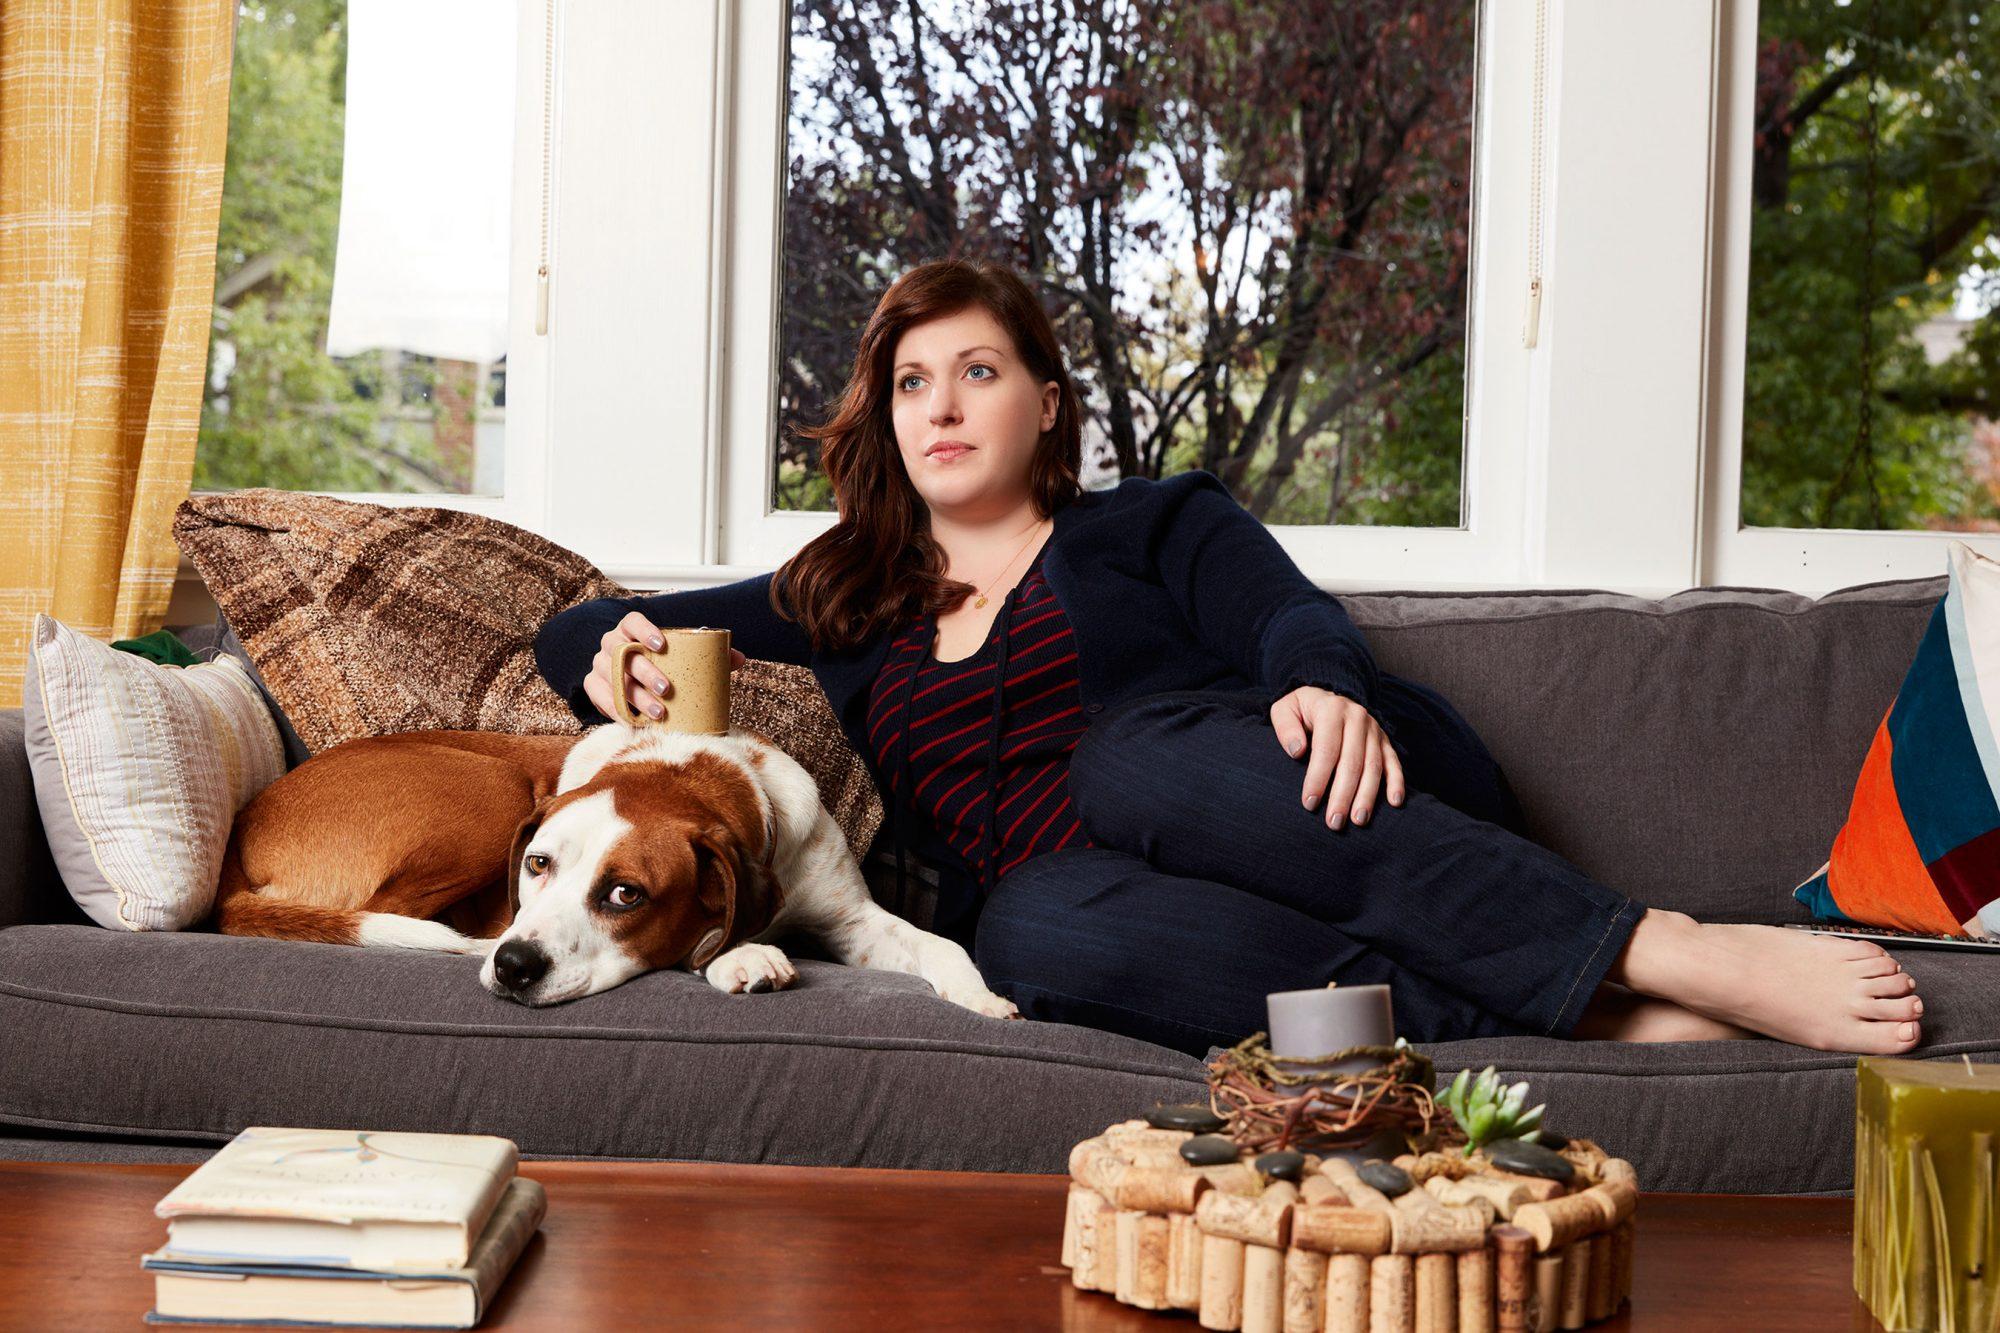 Allison Tolman in Downward Dog